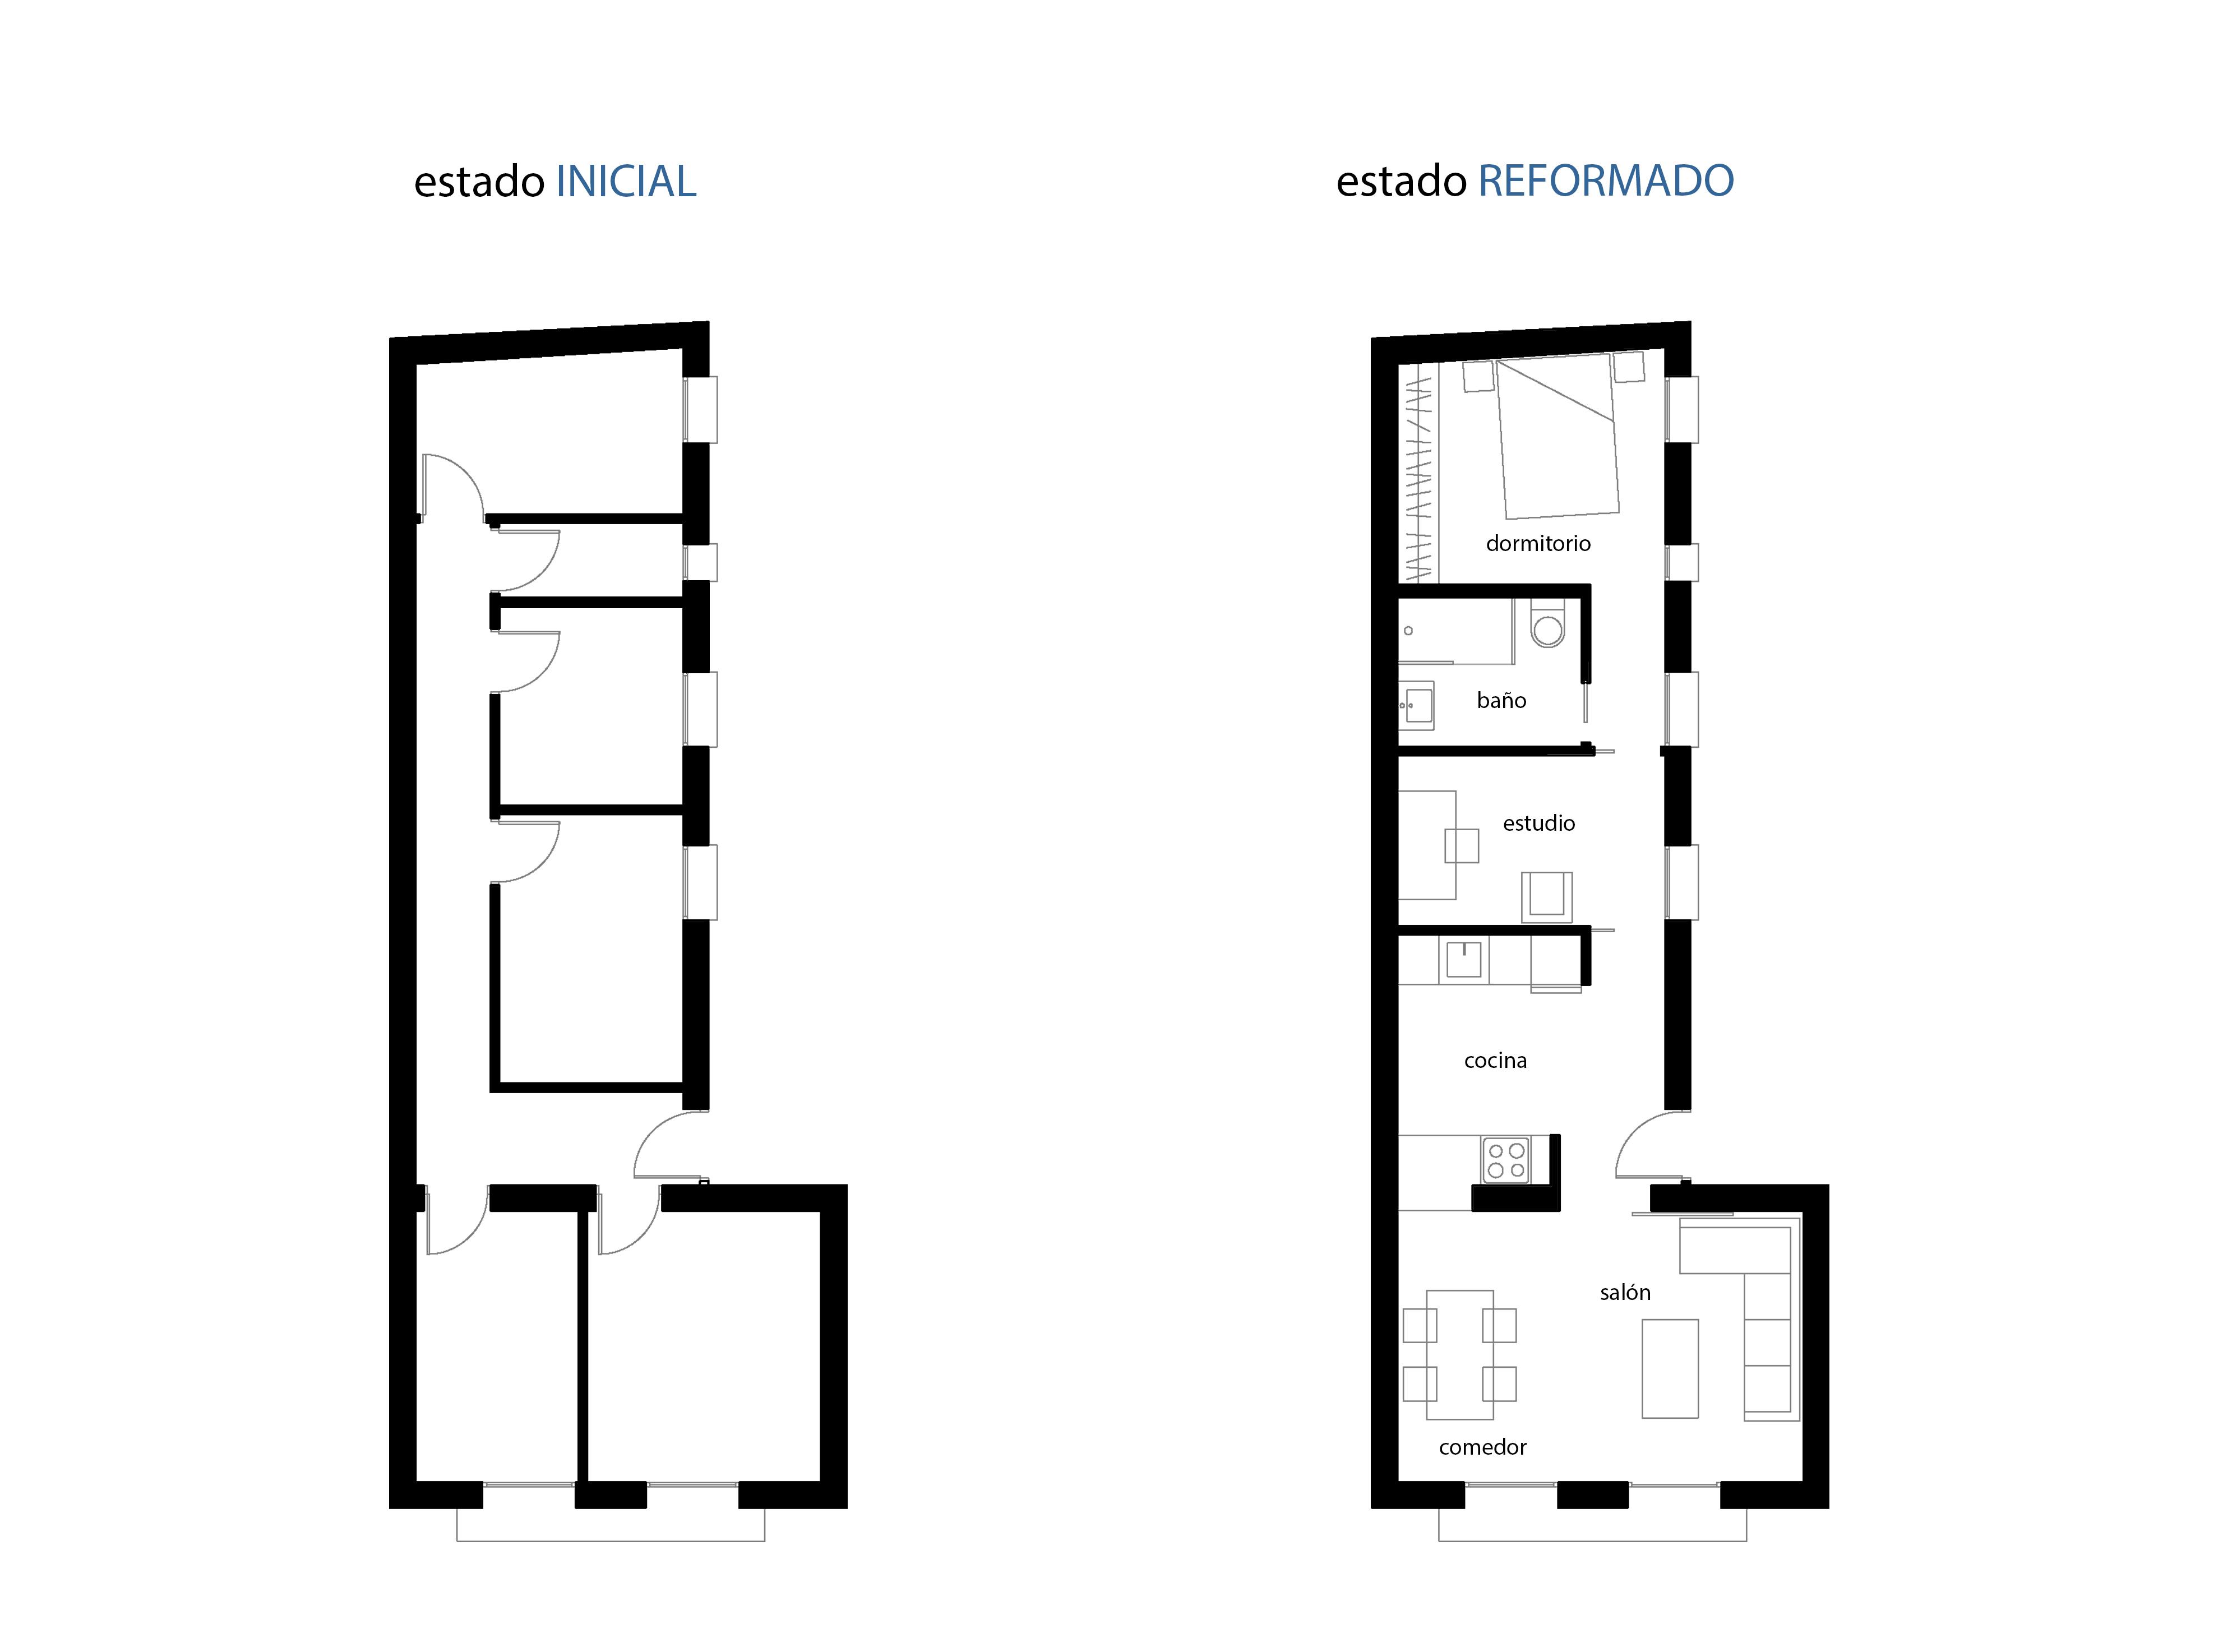 reforma apartamento 50m2 2